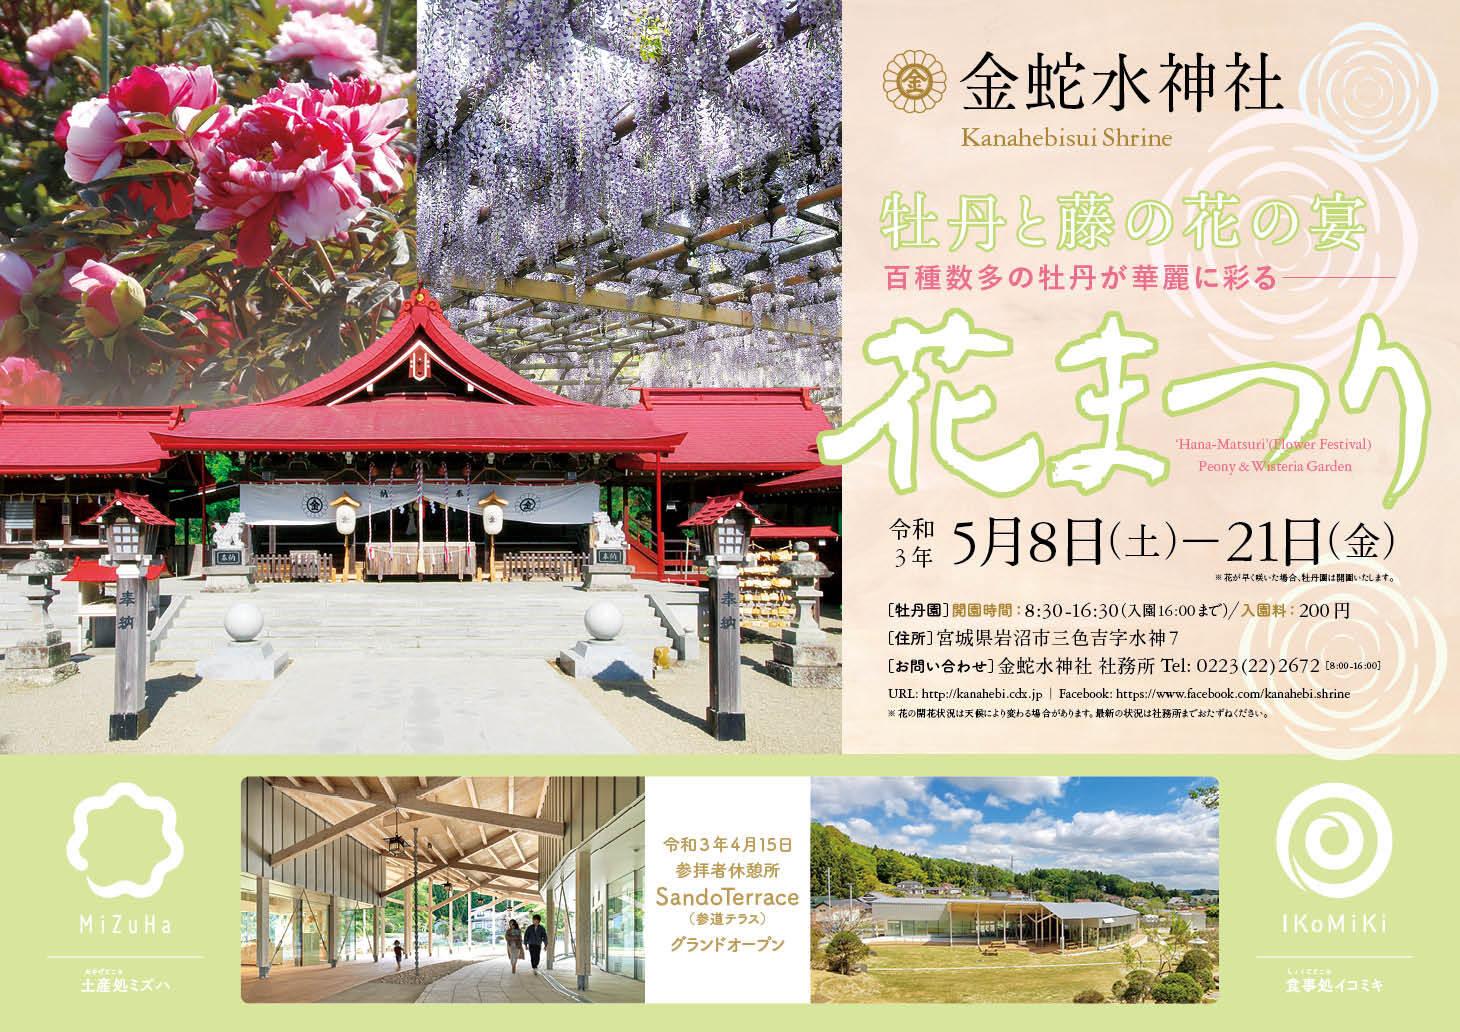 令和3年花まつりのご案内|Information on the Reiwa 3rd Year Flower Festival